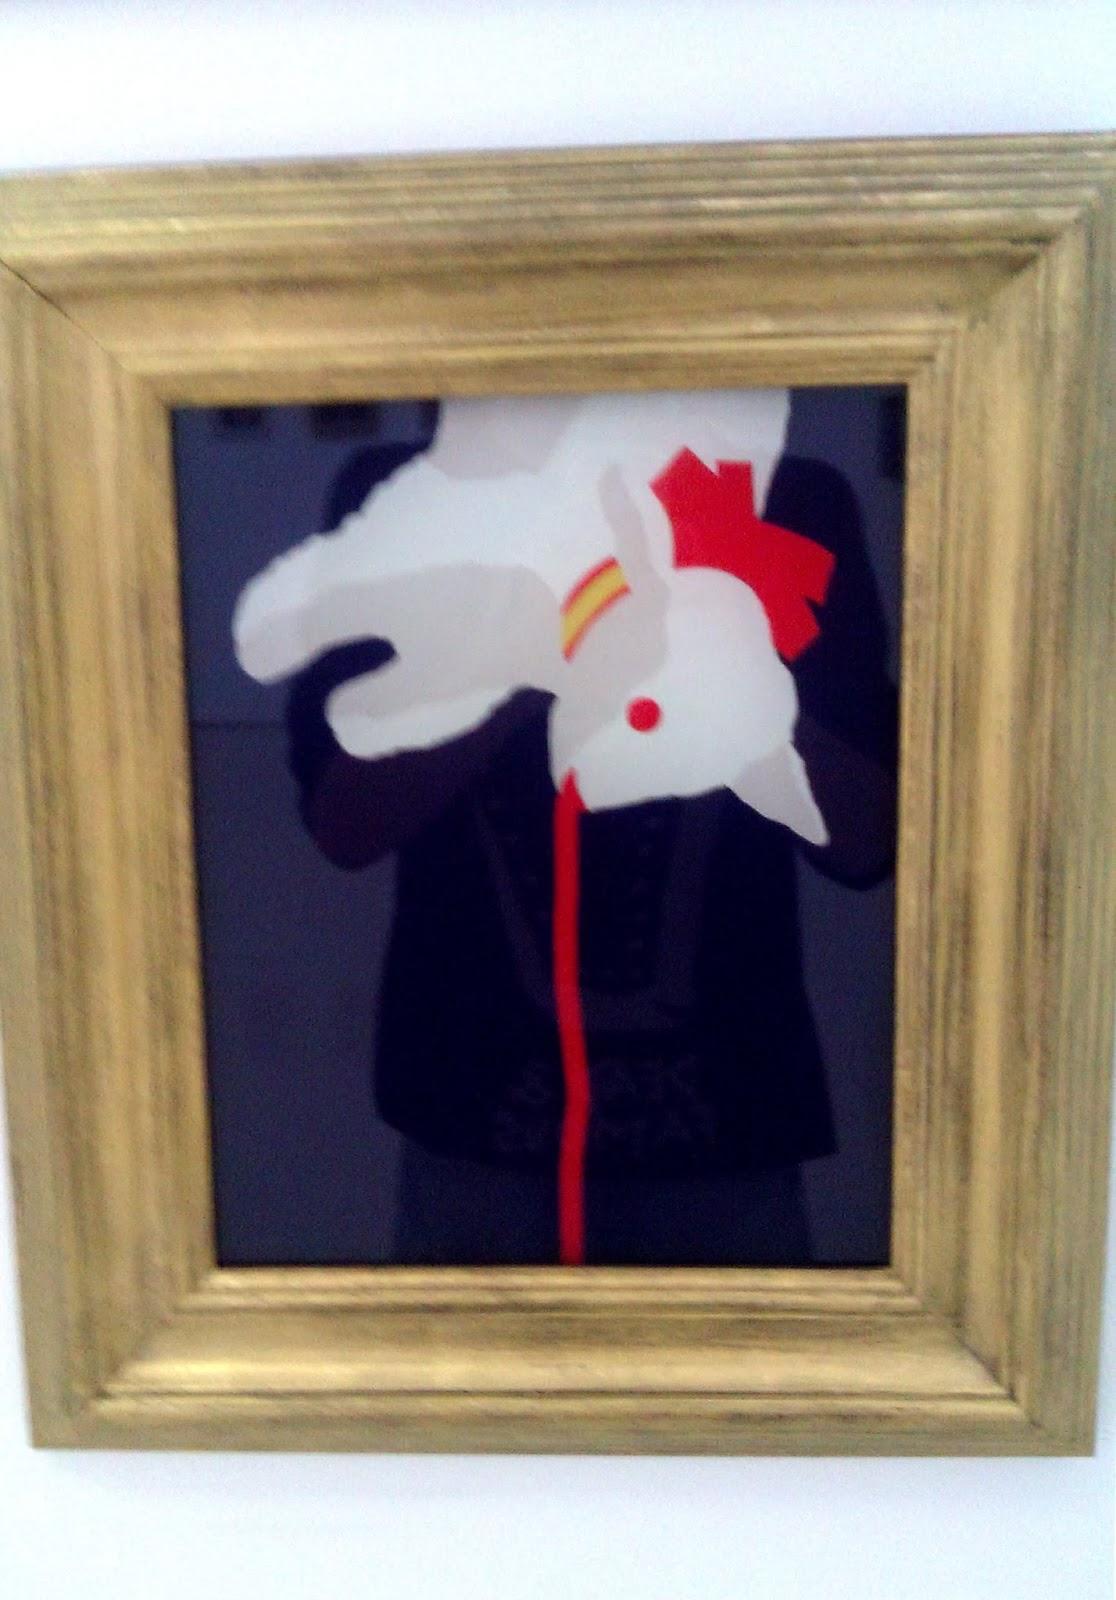 Principios de la Pintura - Daniel Rodríguez: noviembre 2013